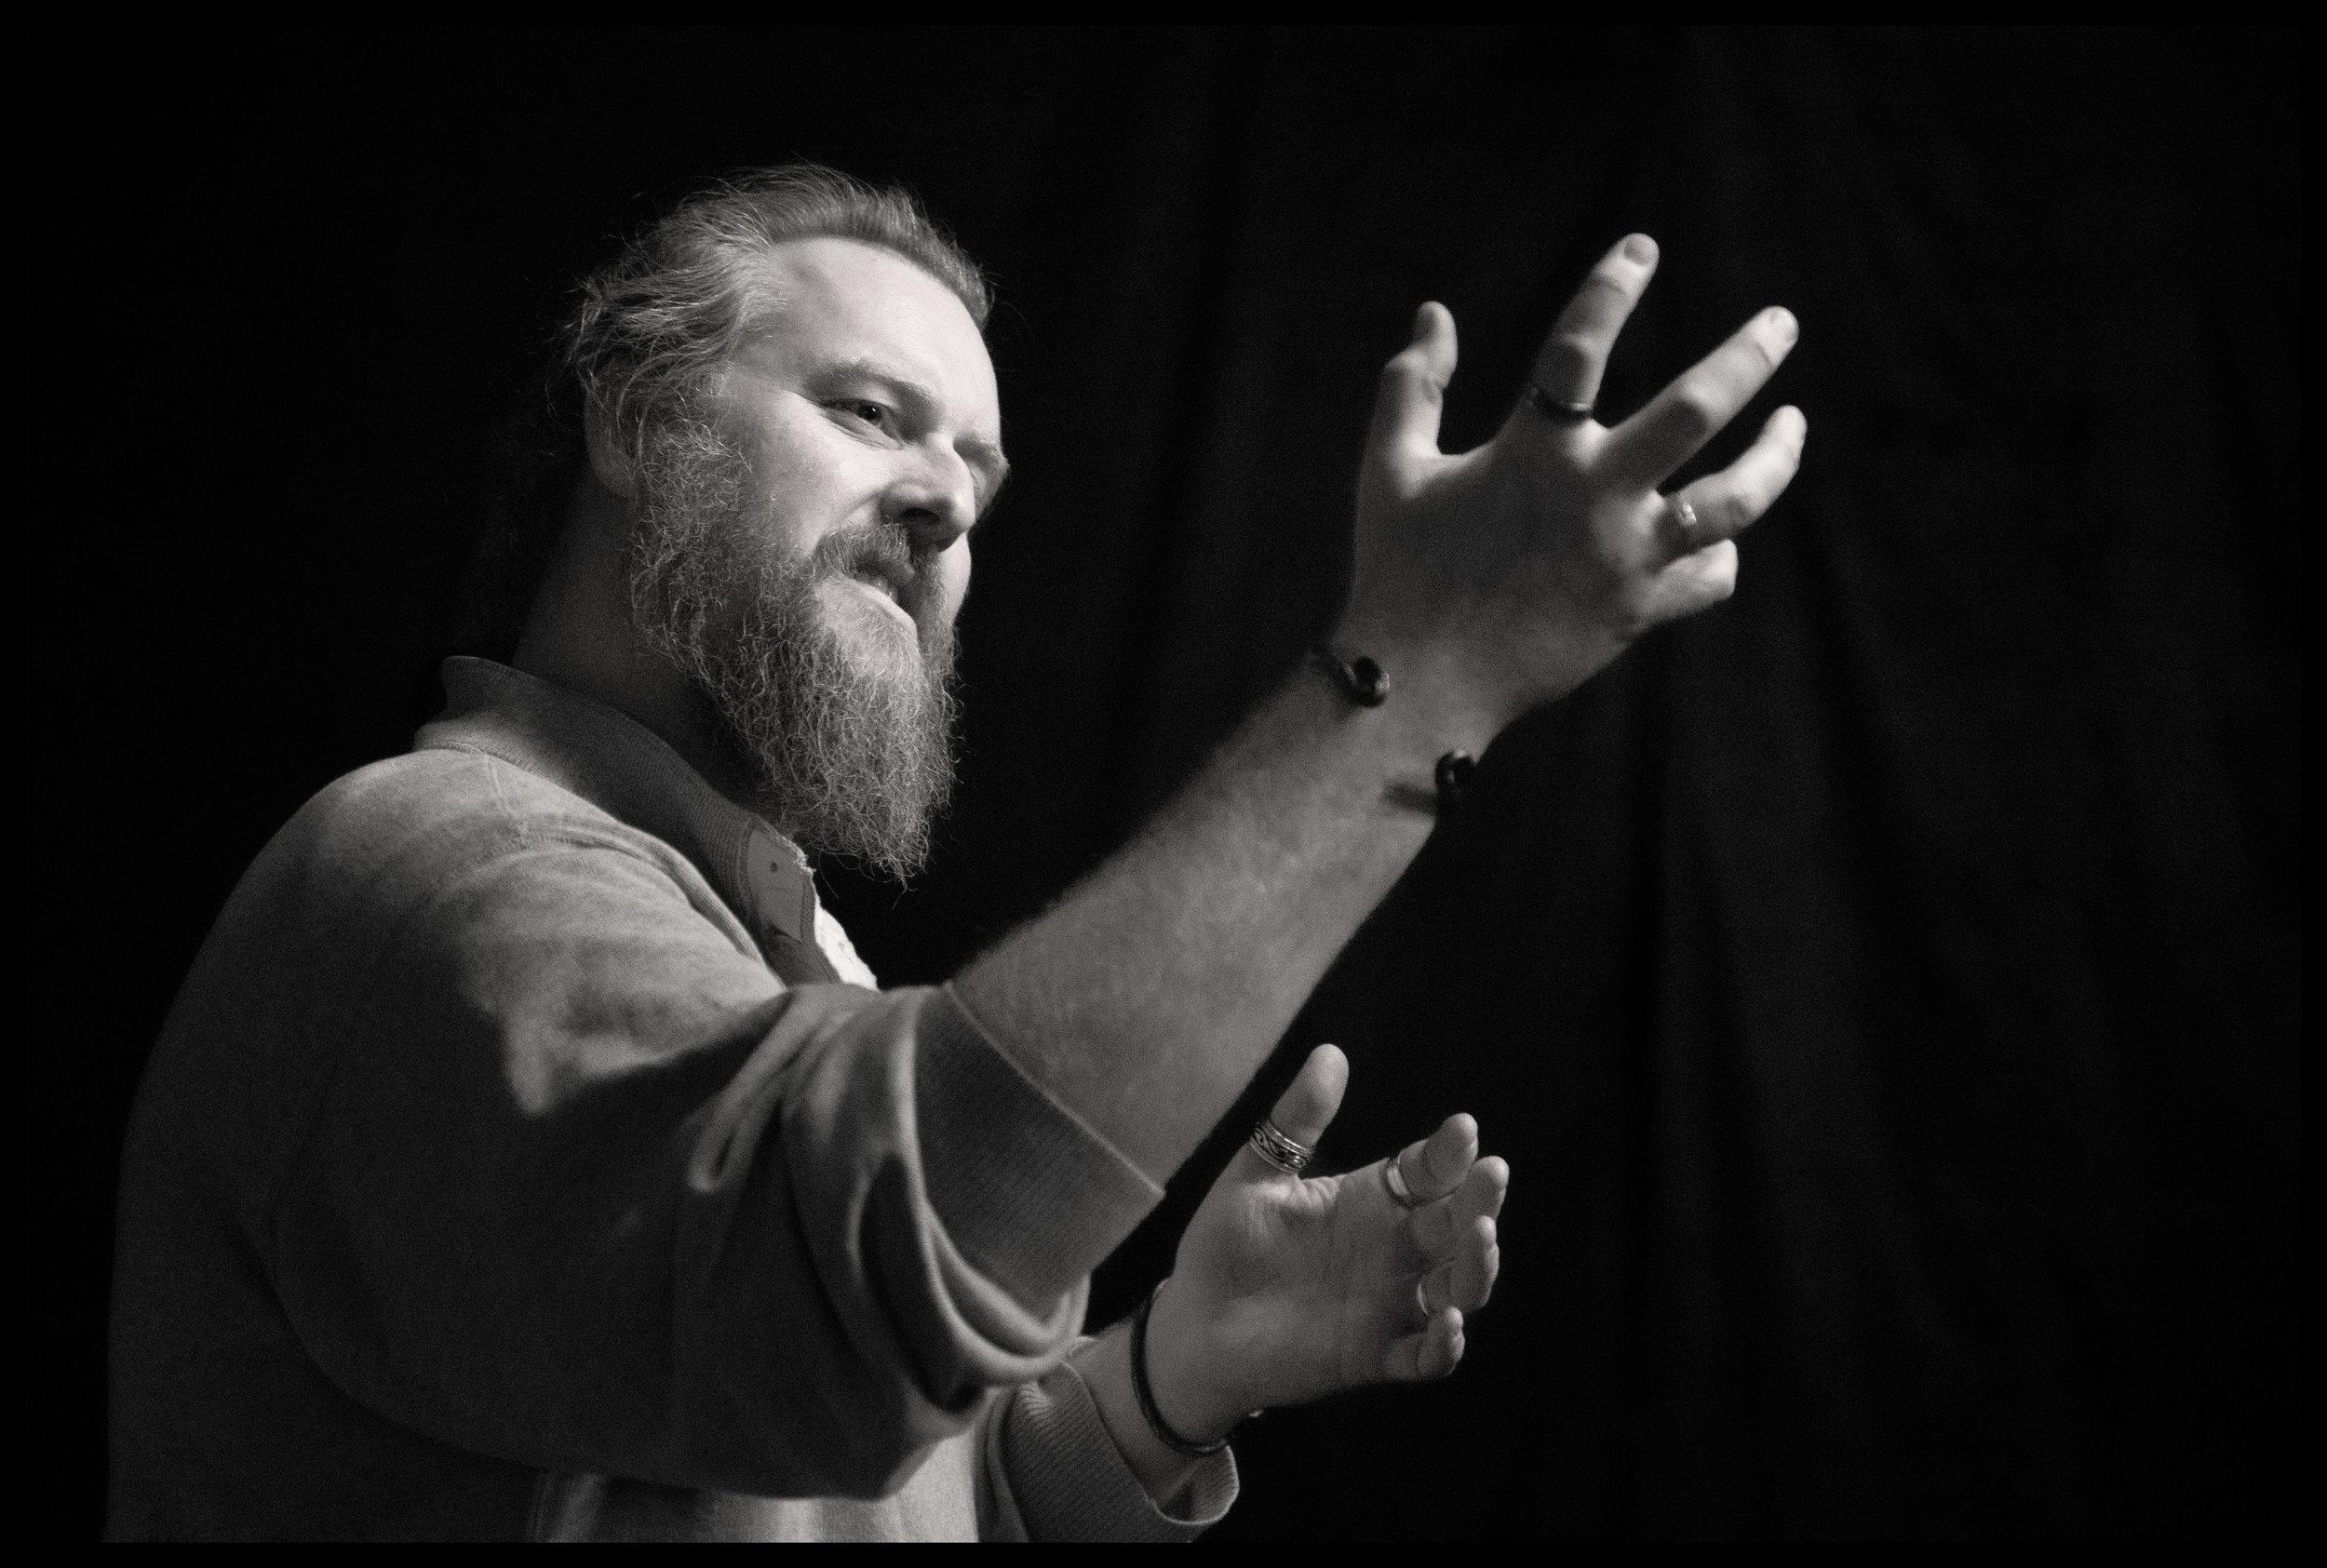 Aaron E. Sullivan,  Macbeth  (rehearsal)